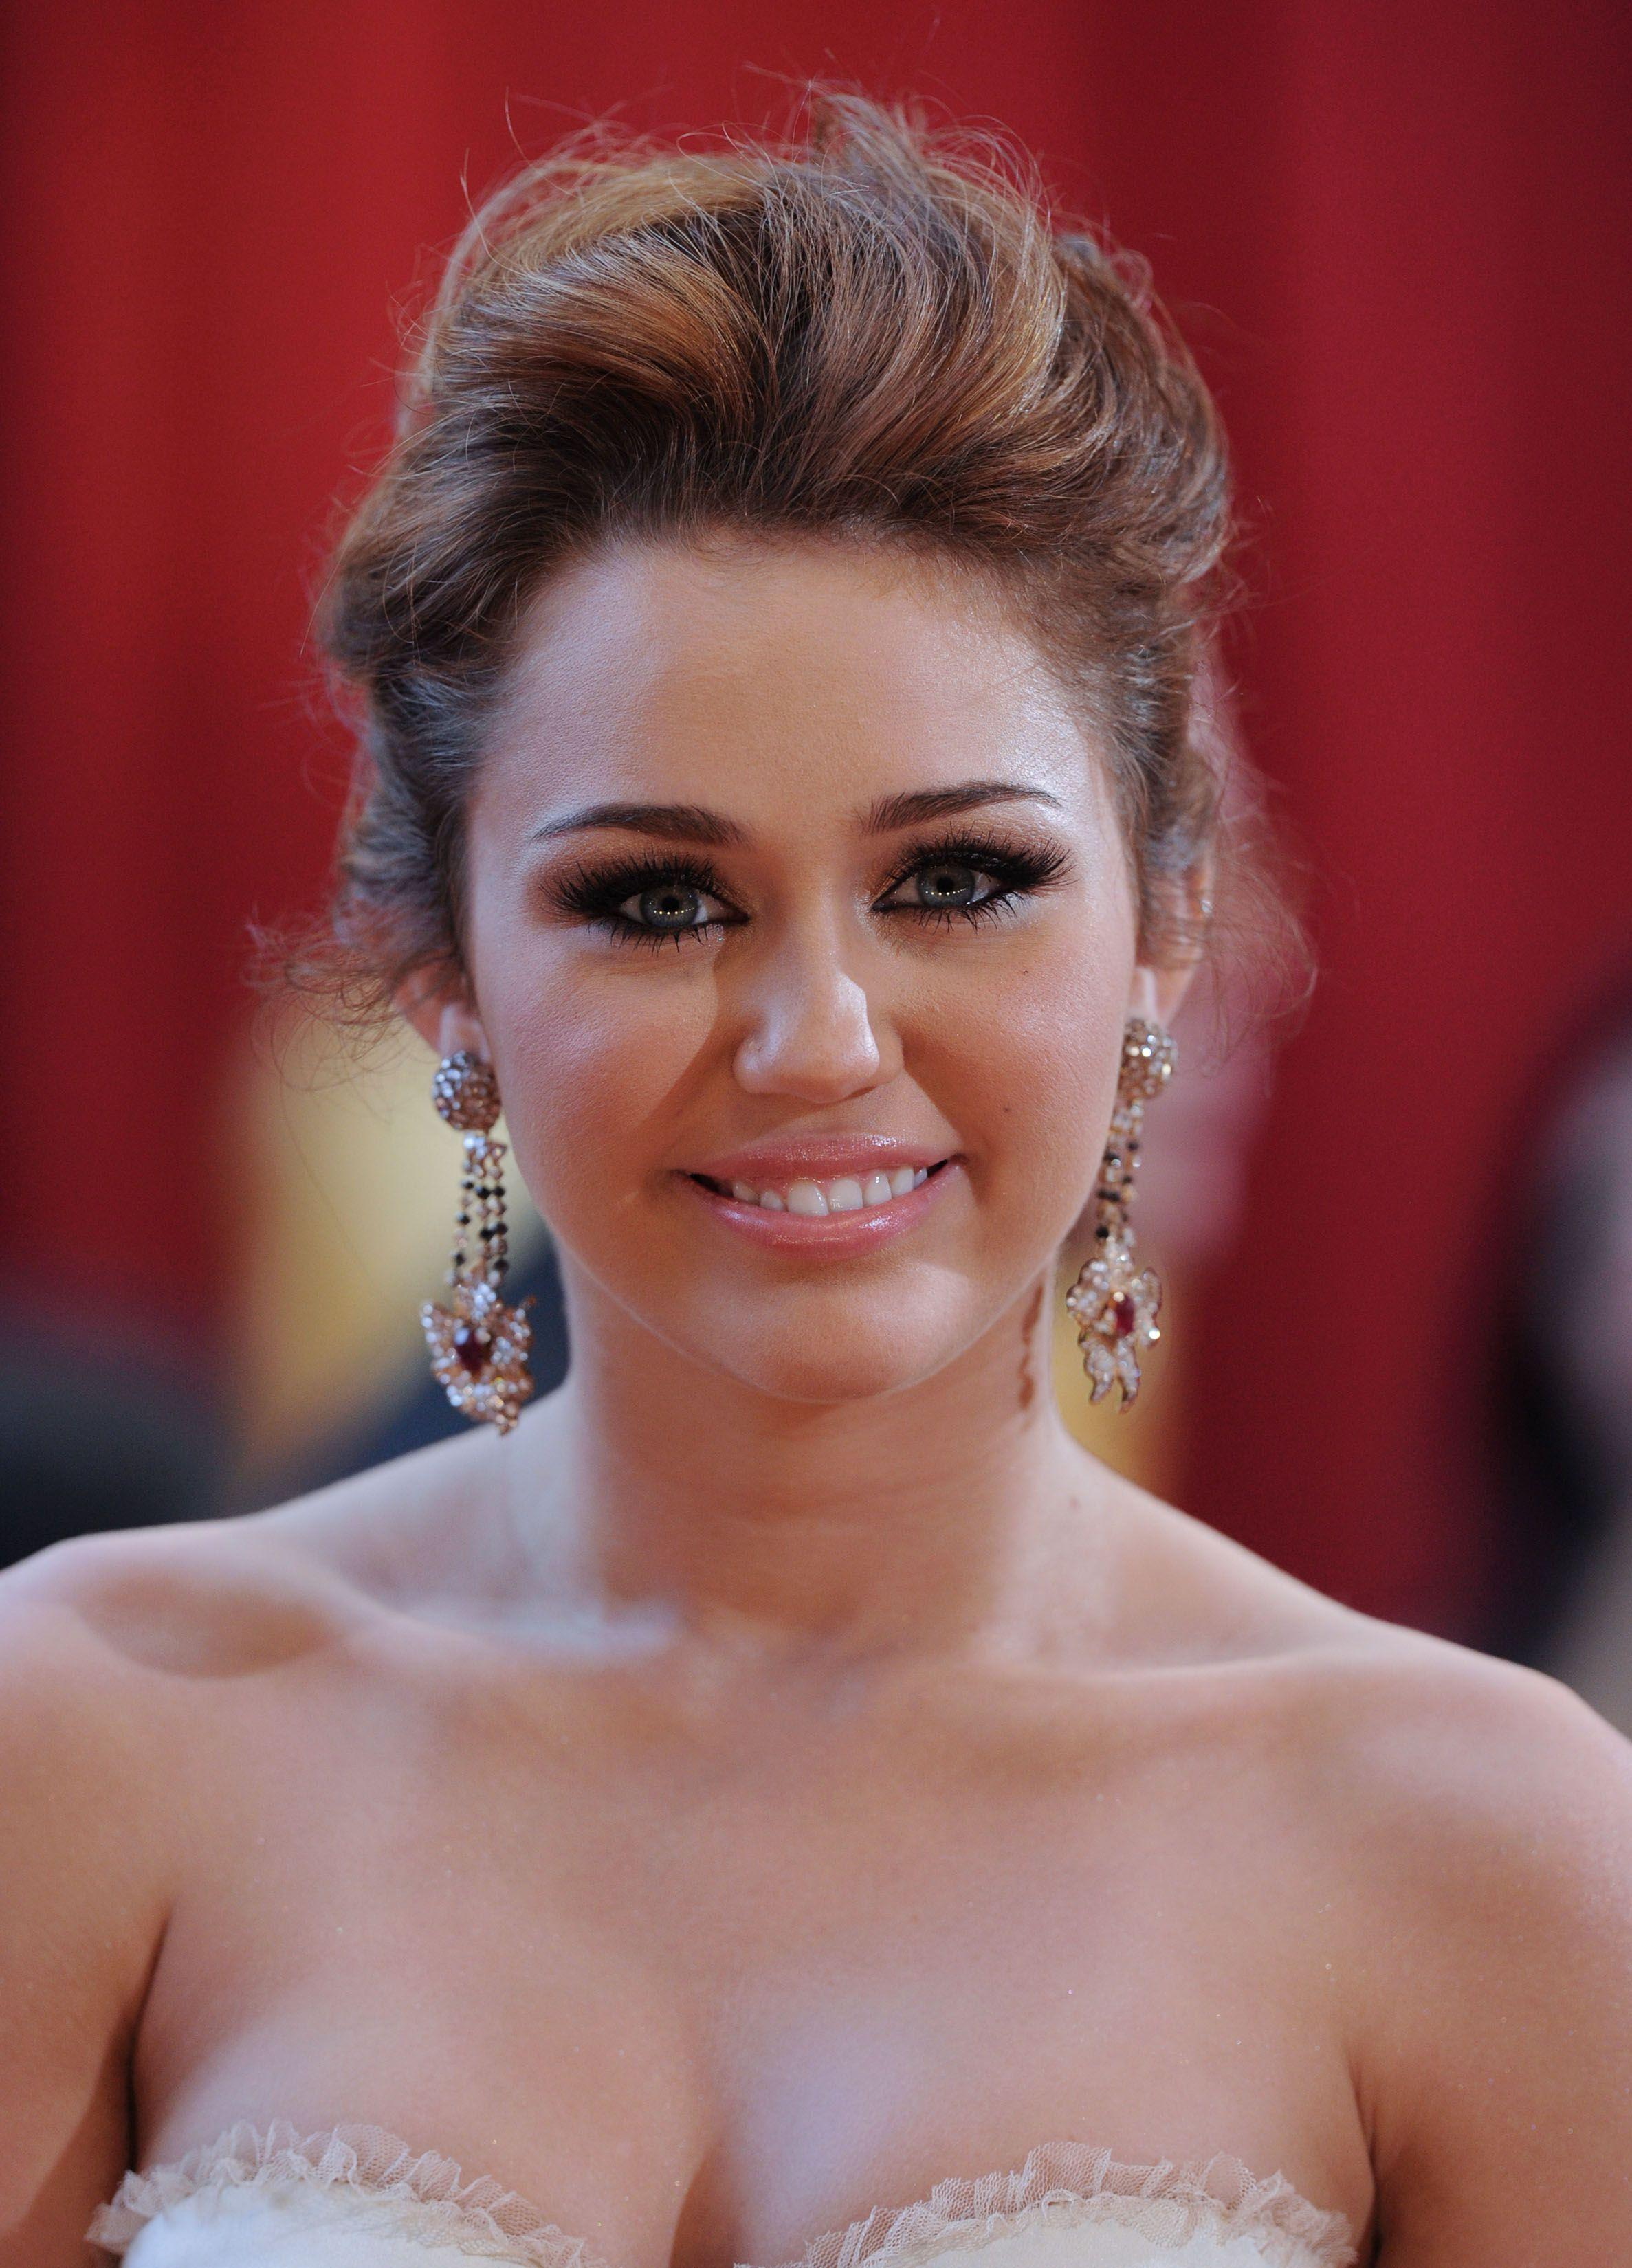 Vettri Miley Cyrus 82nd Annual Academy Awards Oscars 2010